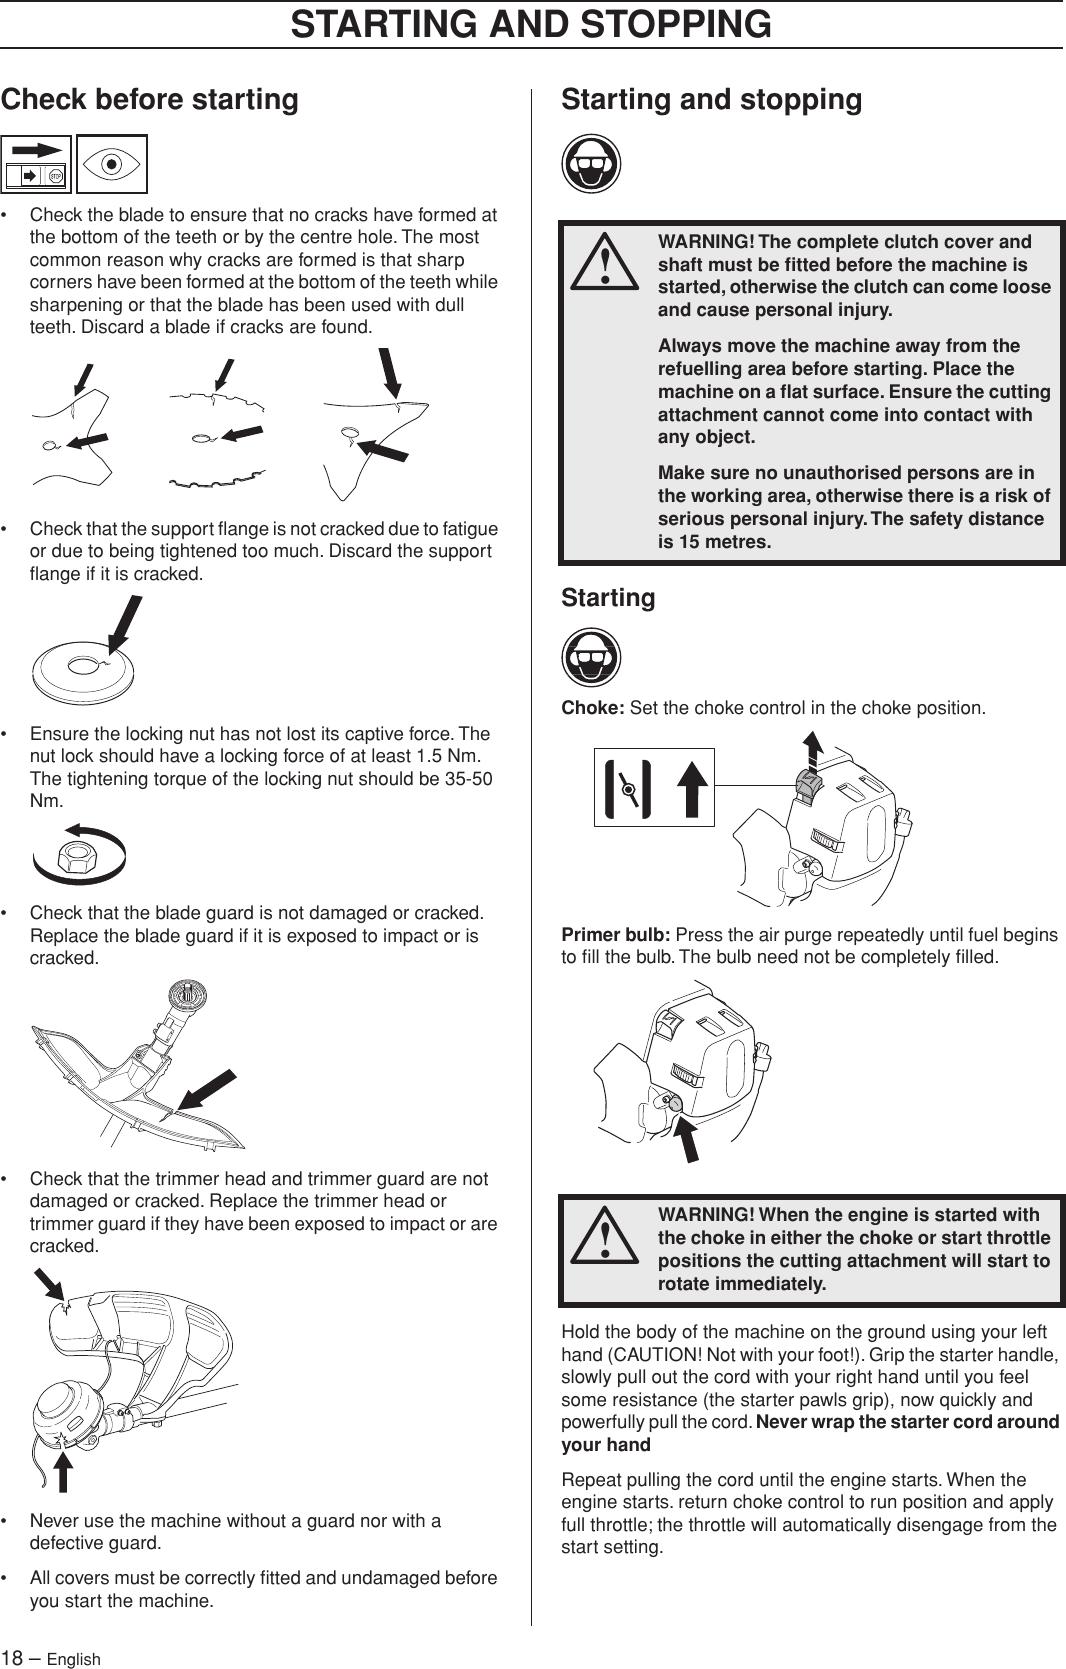 Husqvarna 335Rx Series Users Manual OM, 333 R, 335 R X series, EPA